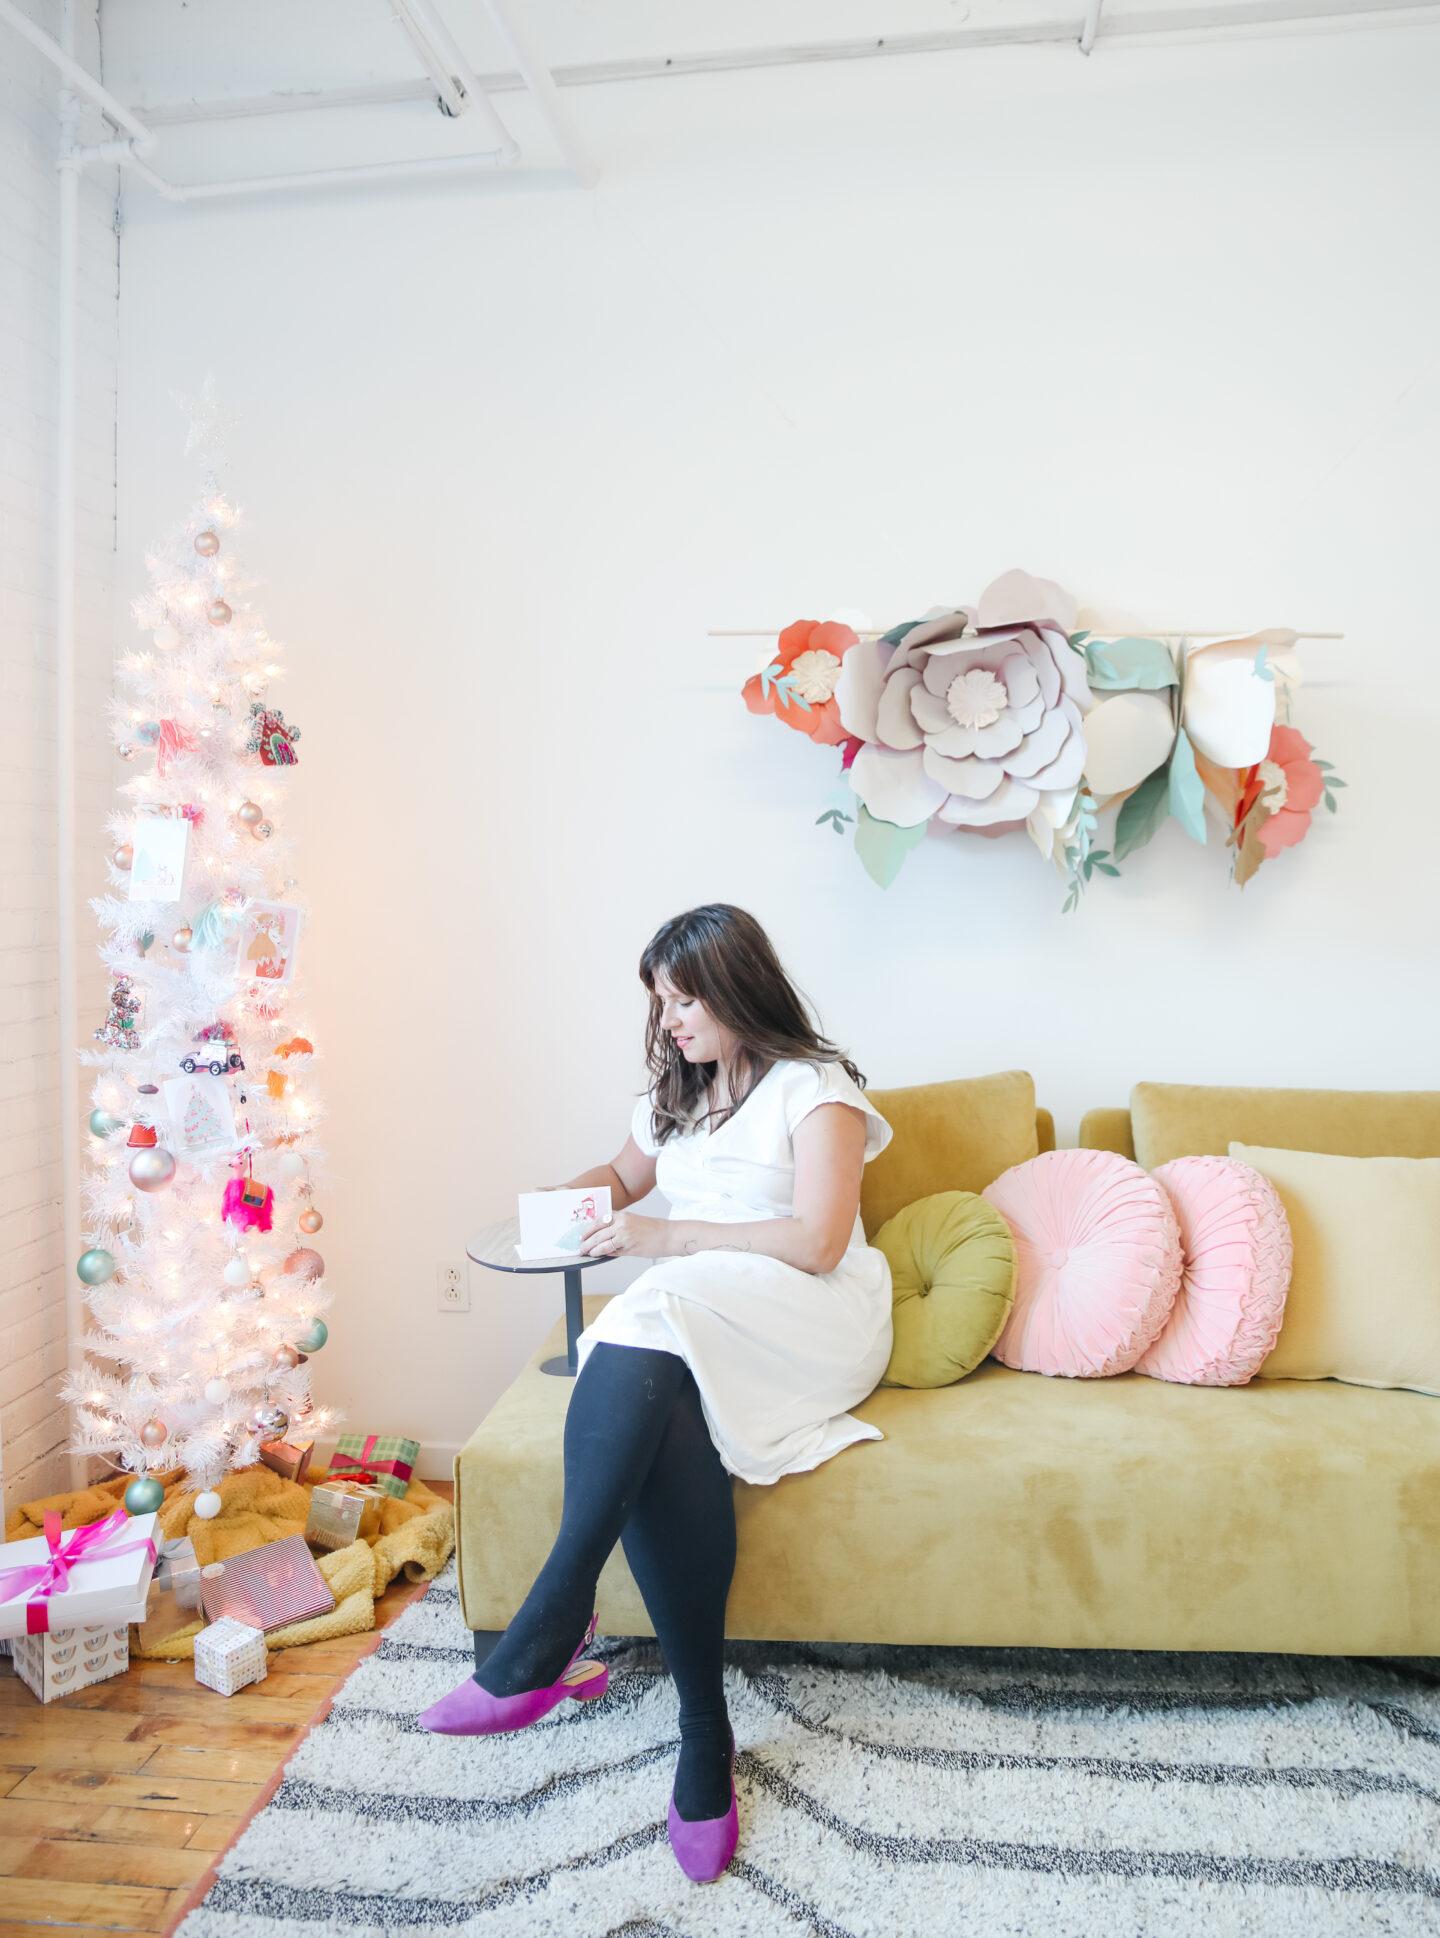 A Whimsical Colourful Christmas Decor